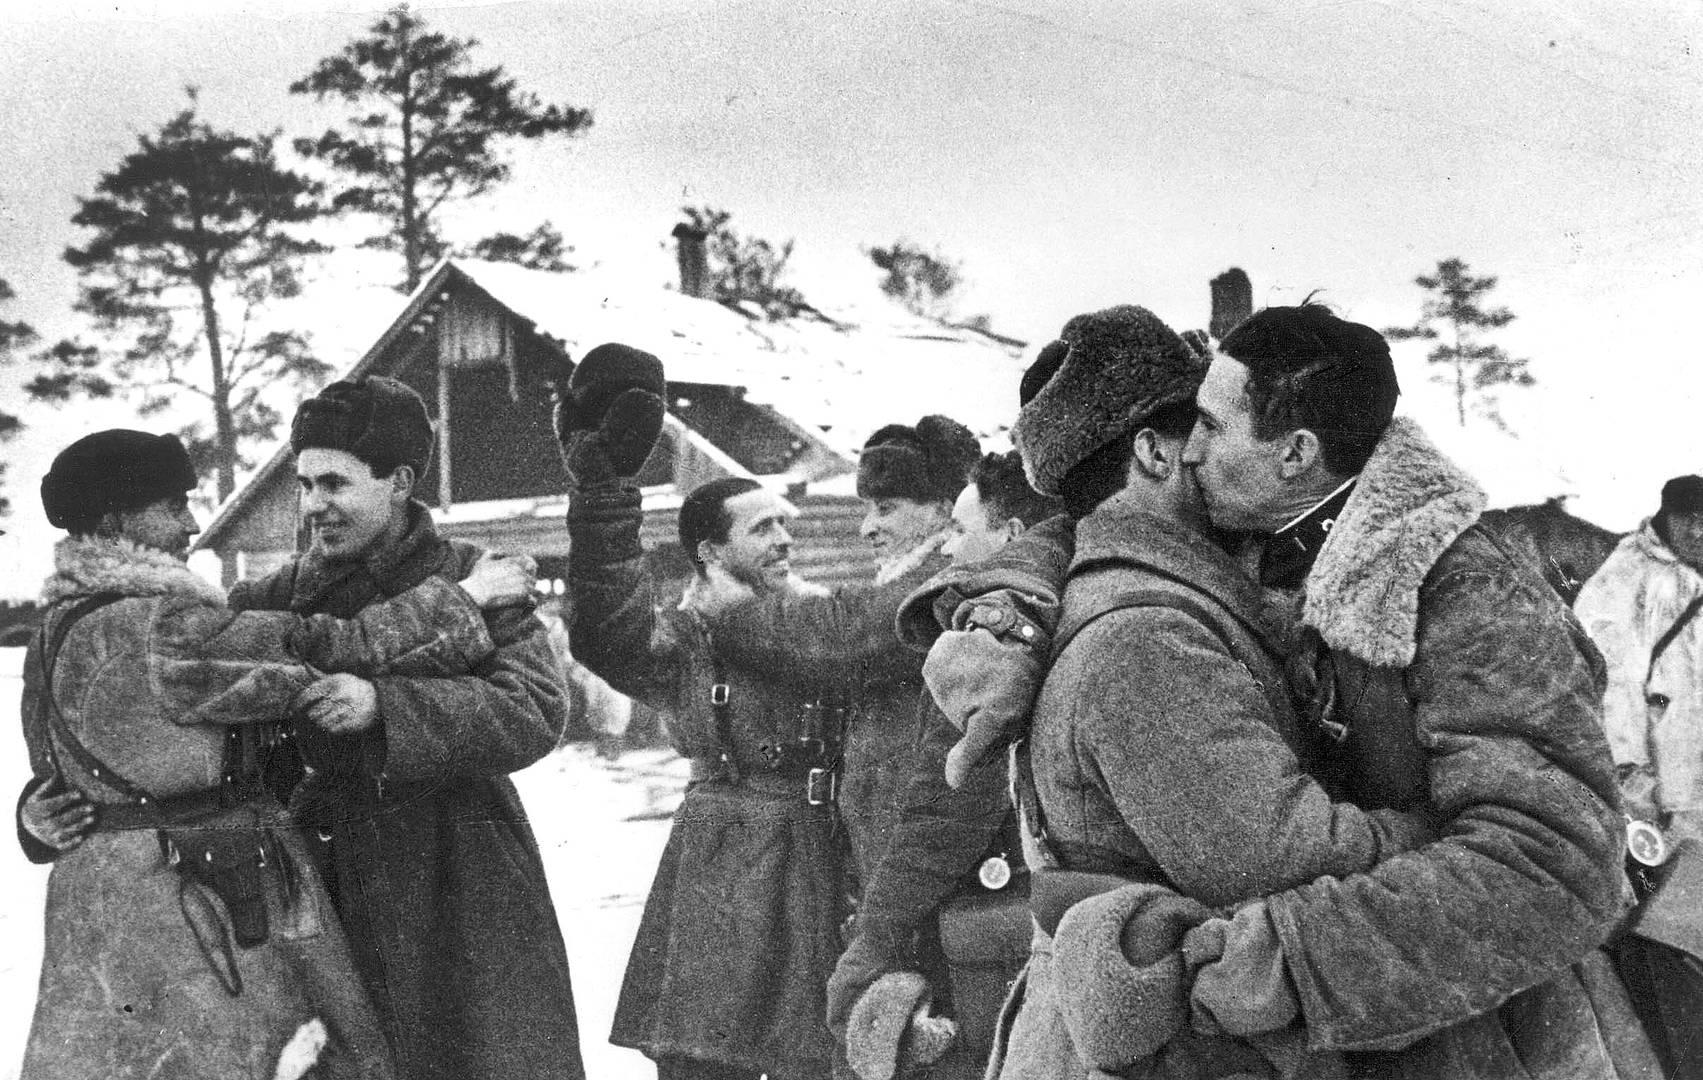 Встреча бойцов Ленинградского и Волховского фронтов у Рабочего поселка №1 во время операции по прорыву блокады Ленинграда. 18 января 1943 г.